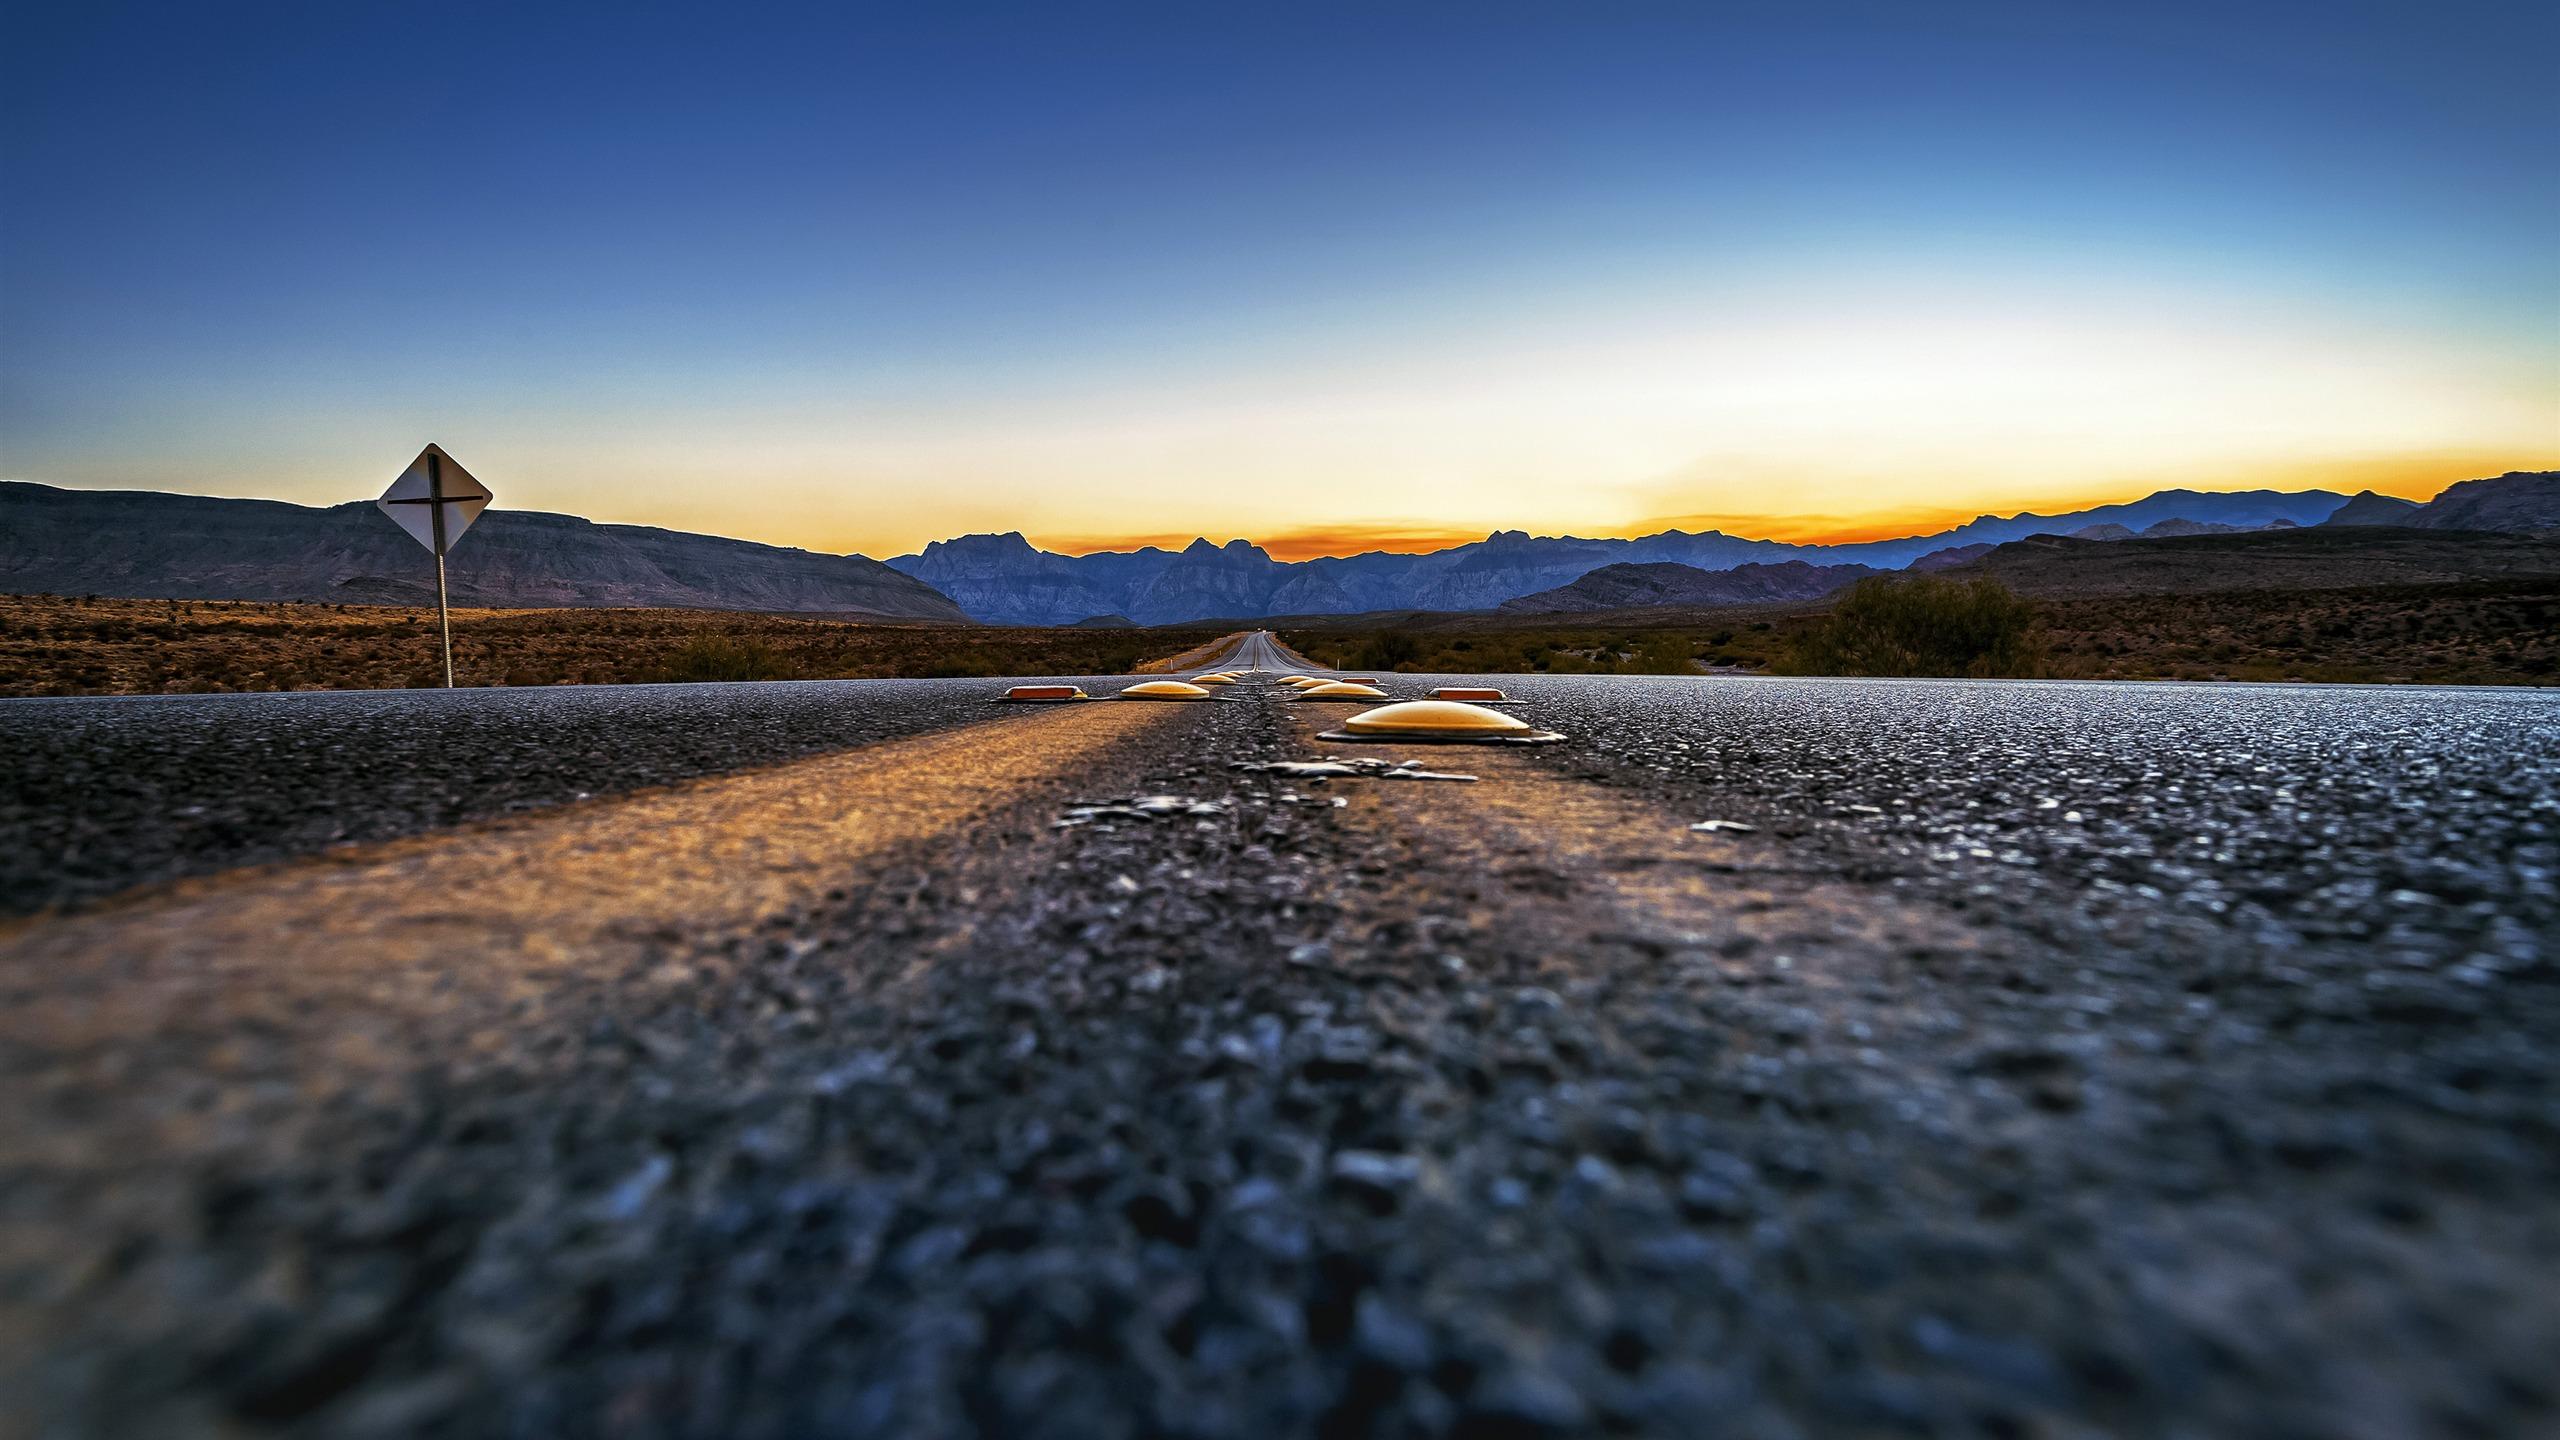 空岛_美国66号公路,黄昏,风景,特写镜头预览 | 10wallpaper.com